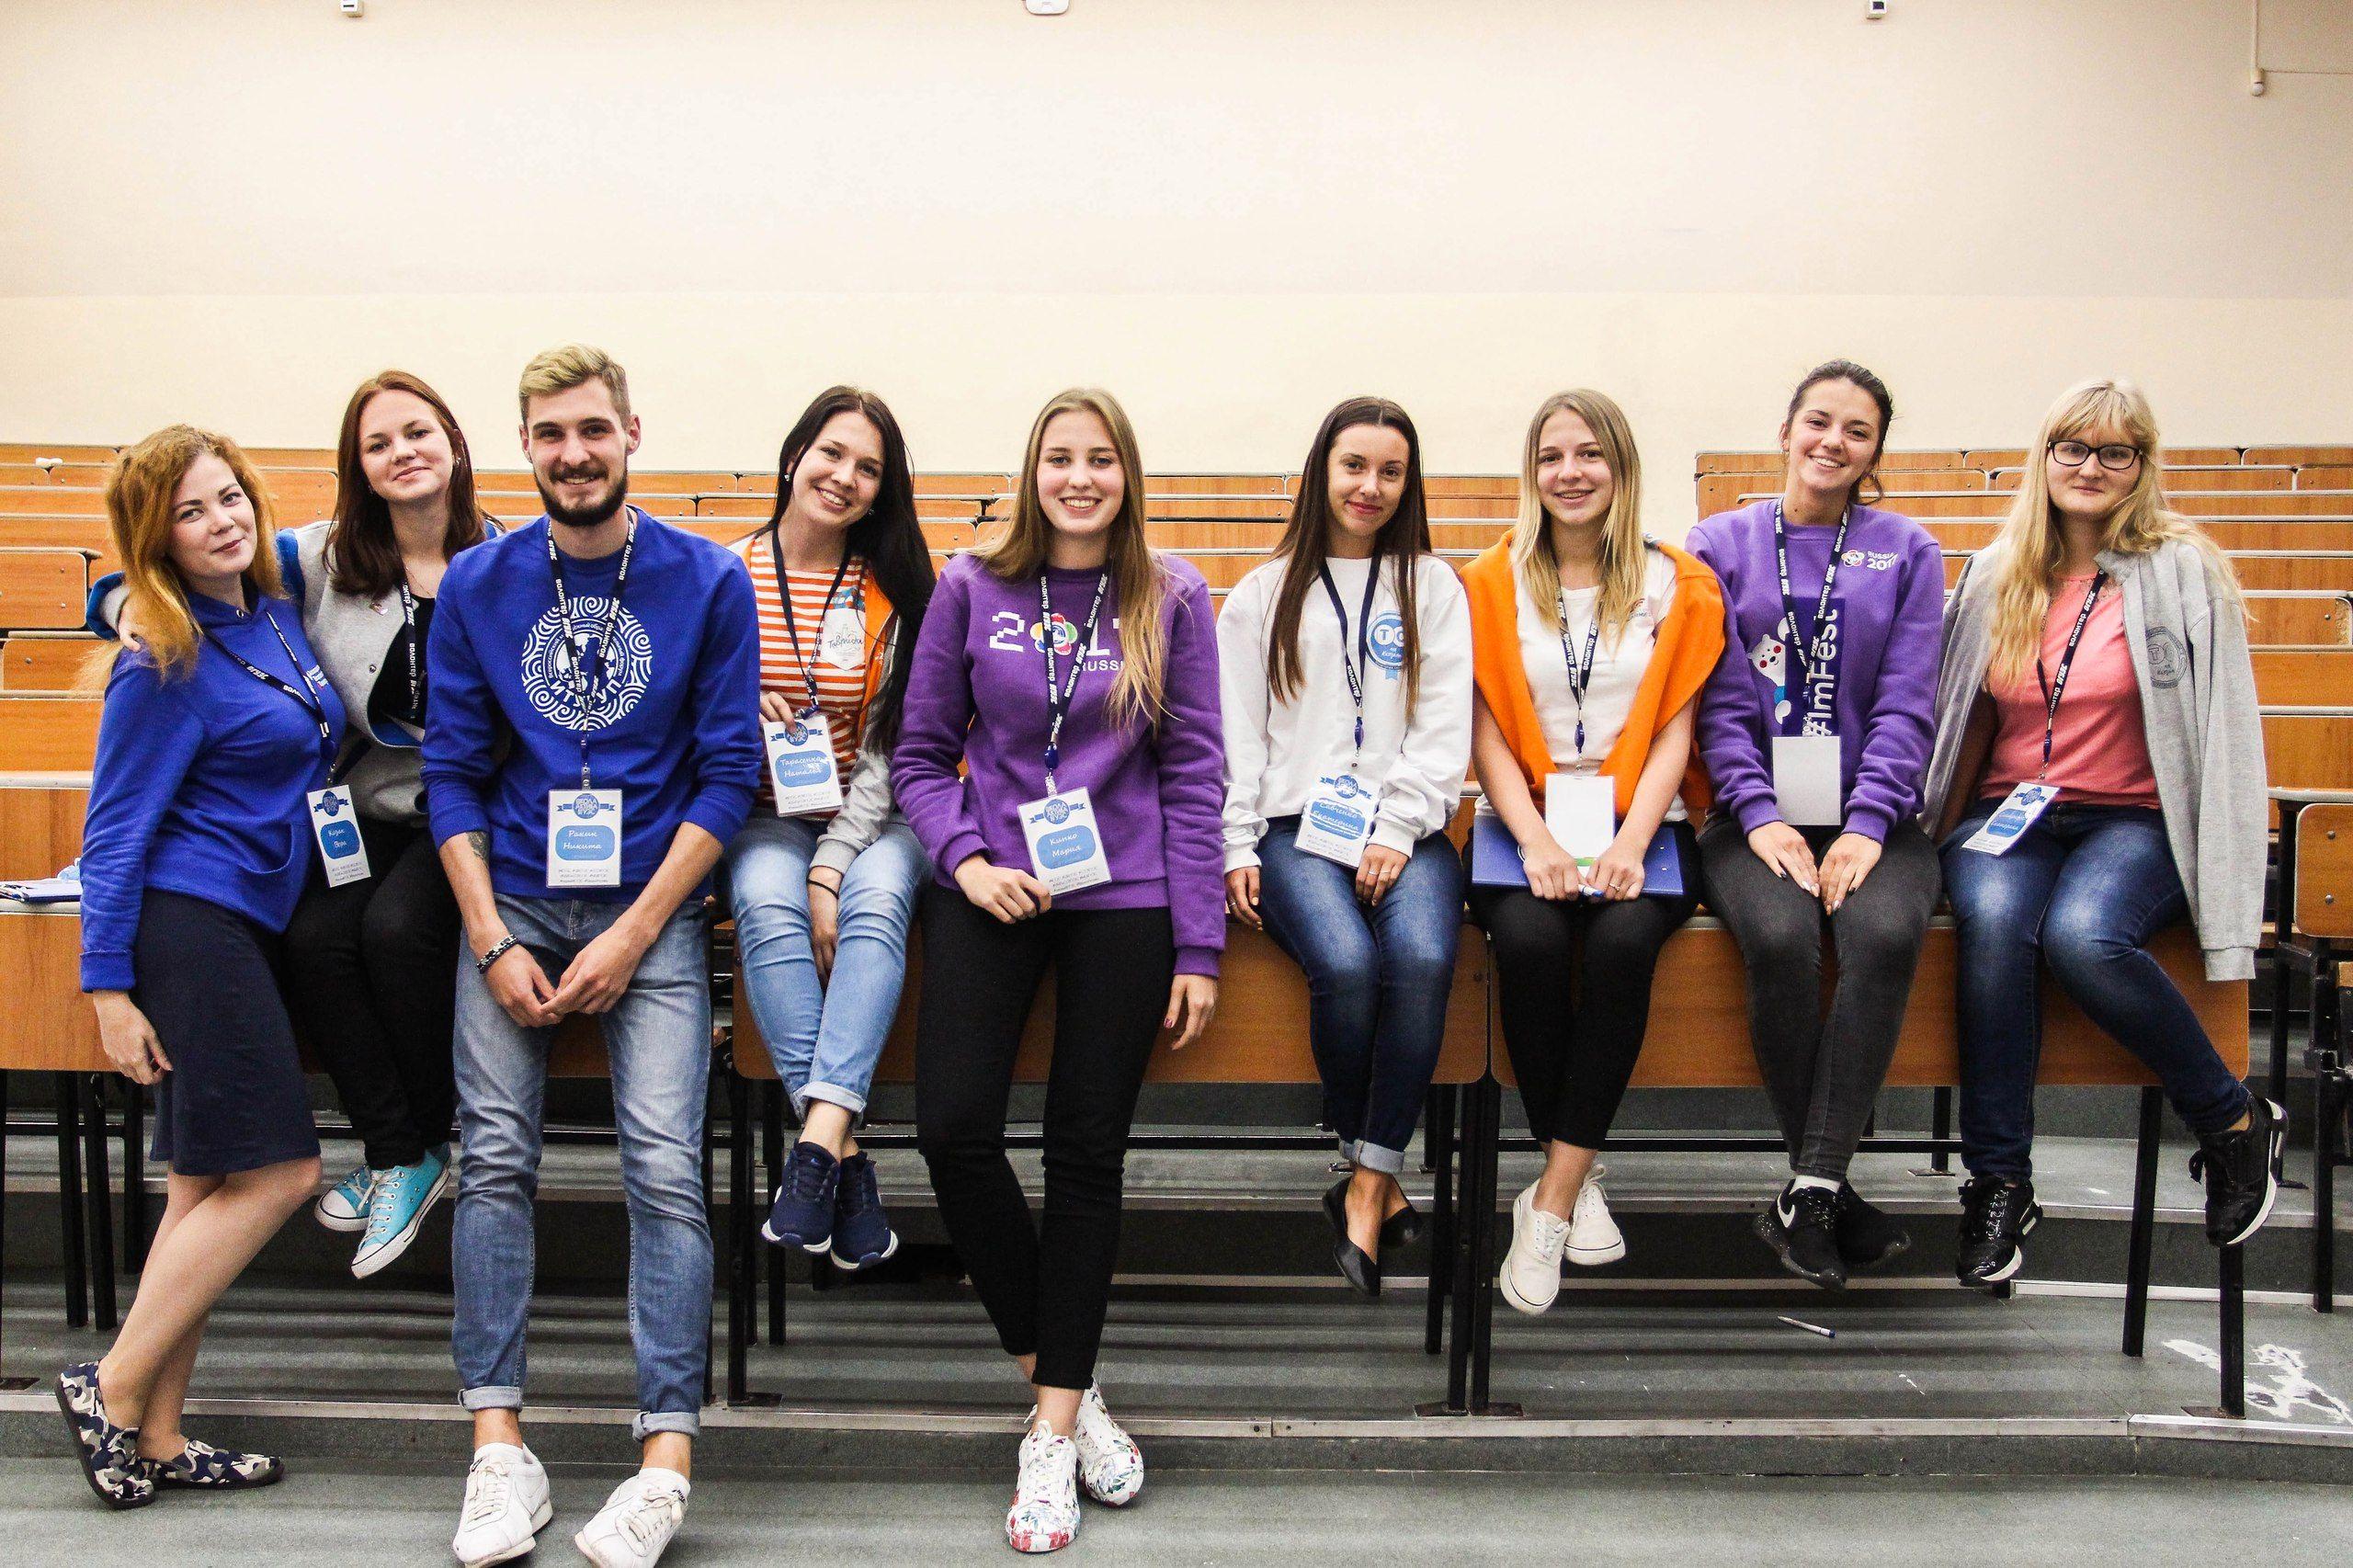 Активное погружение в настоящий студенческий мир ждет первокурсников ВГУЭС